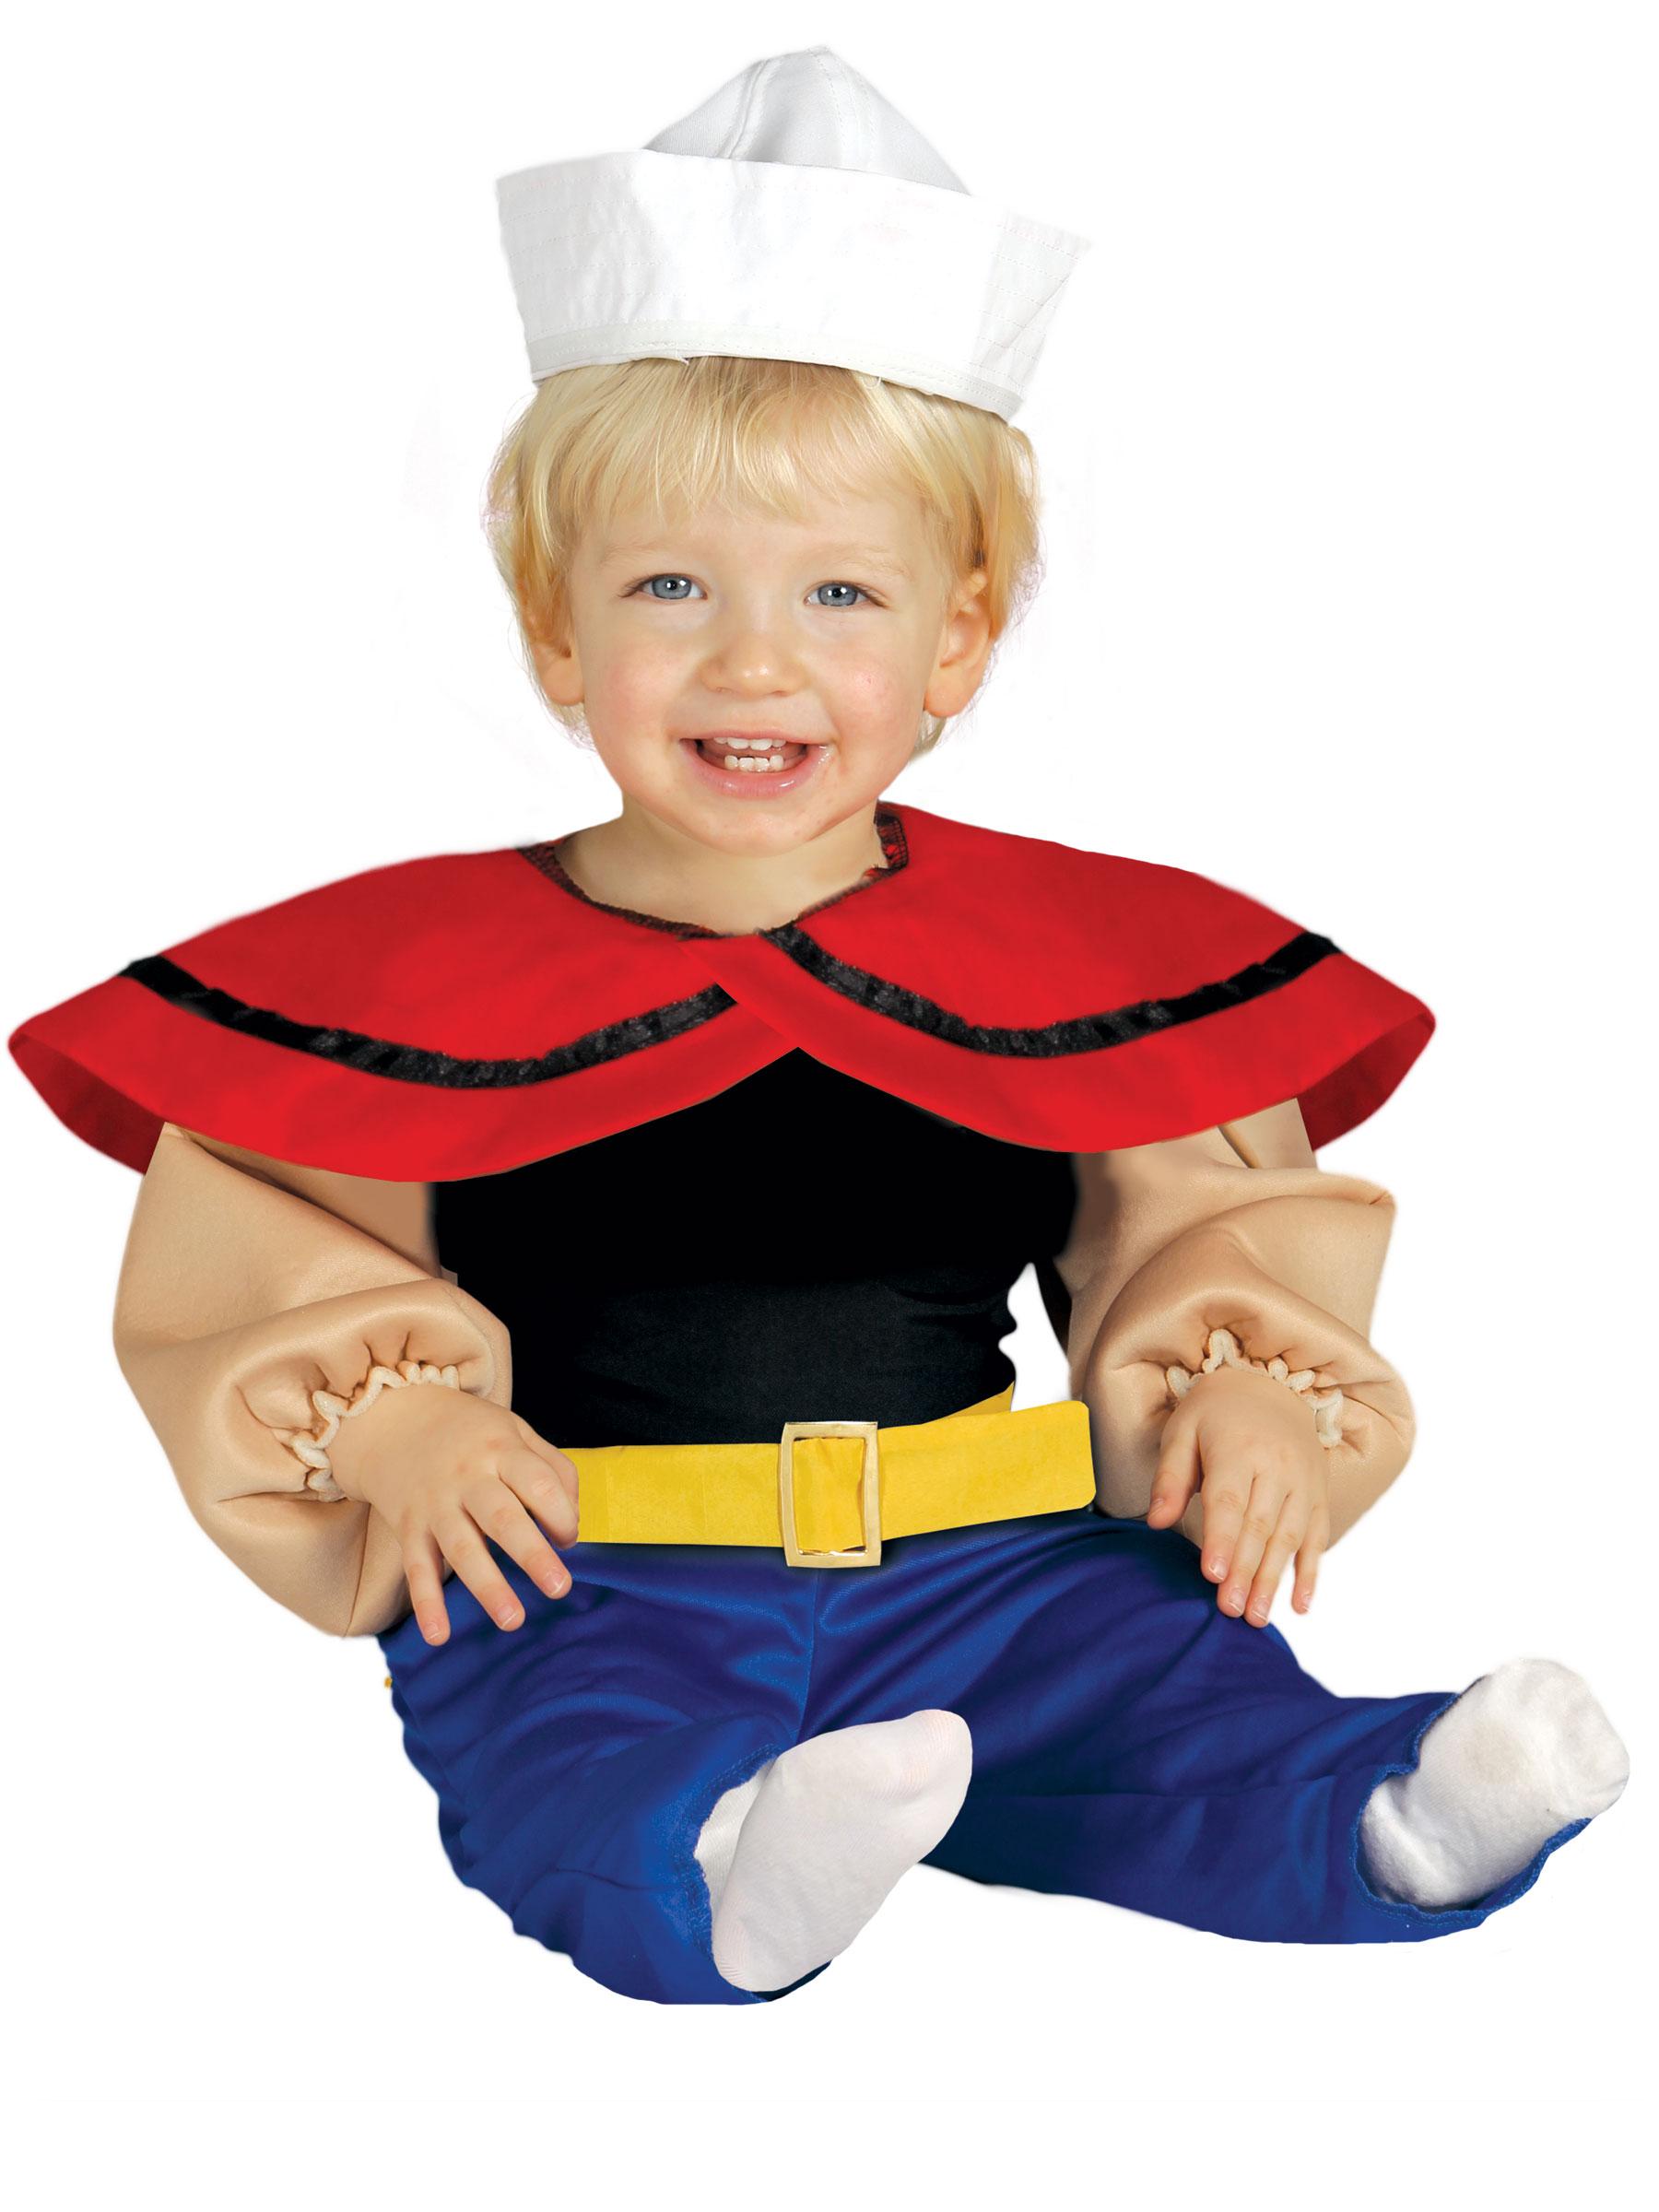 Costume da marinaio muscoloso per neonato costumi bambini - Costumi da bagno neonato disney ...